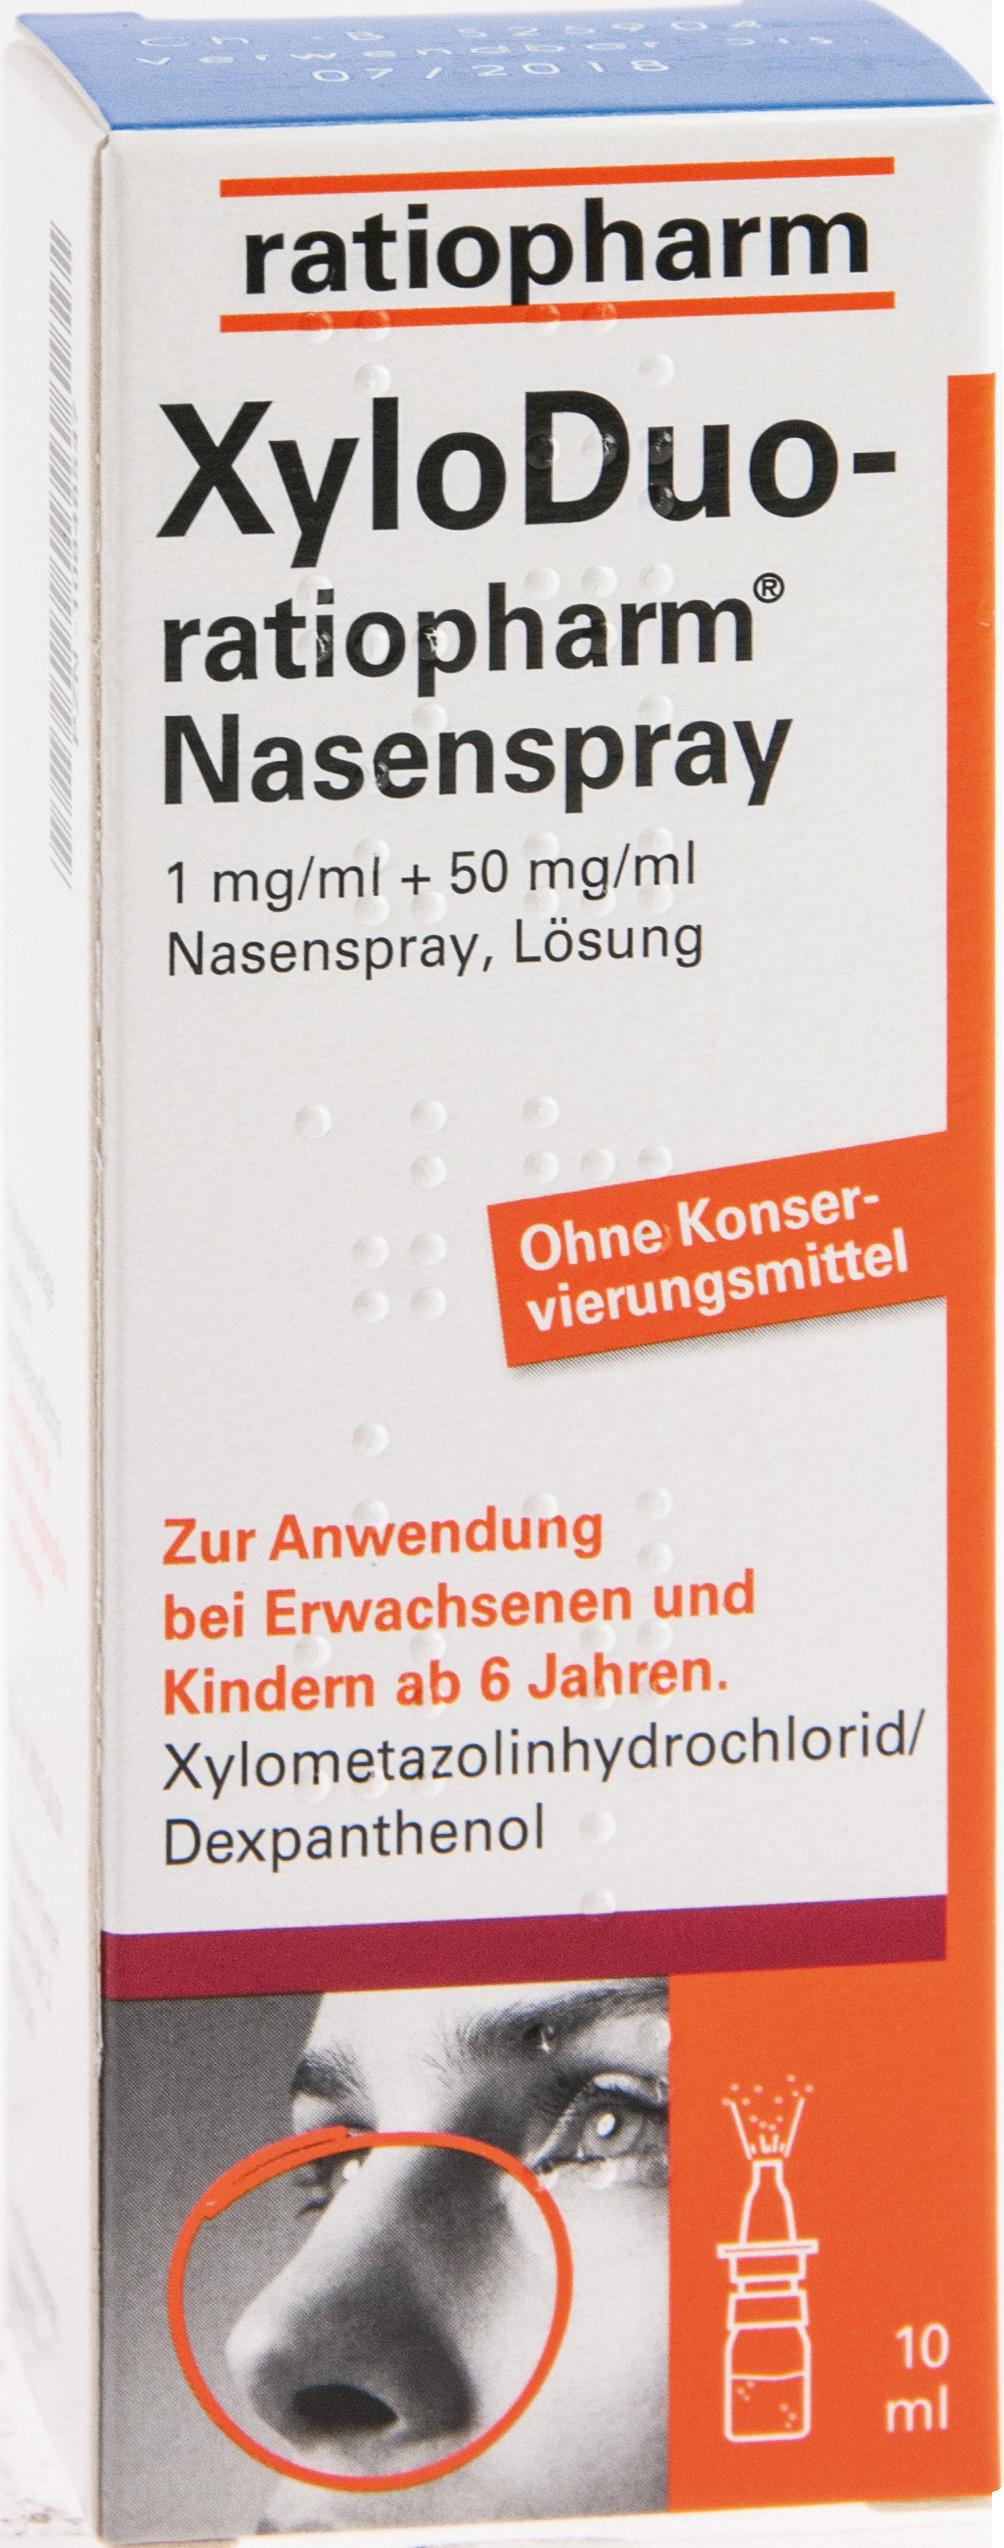 XyloDuo-ratio Nasenspray 1mg/ml+50mg/ml o.K.